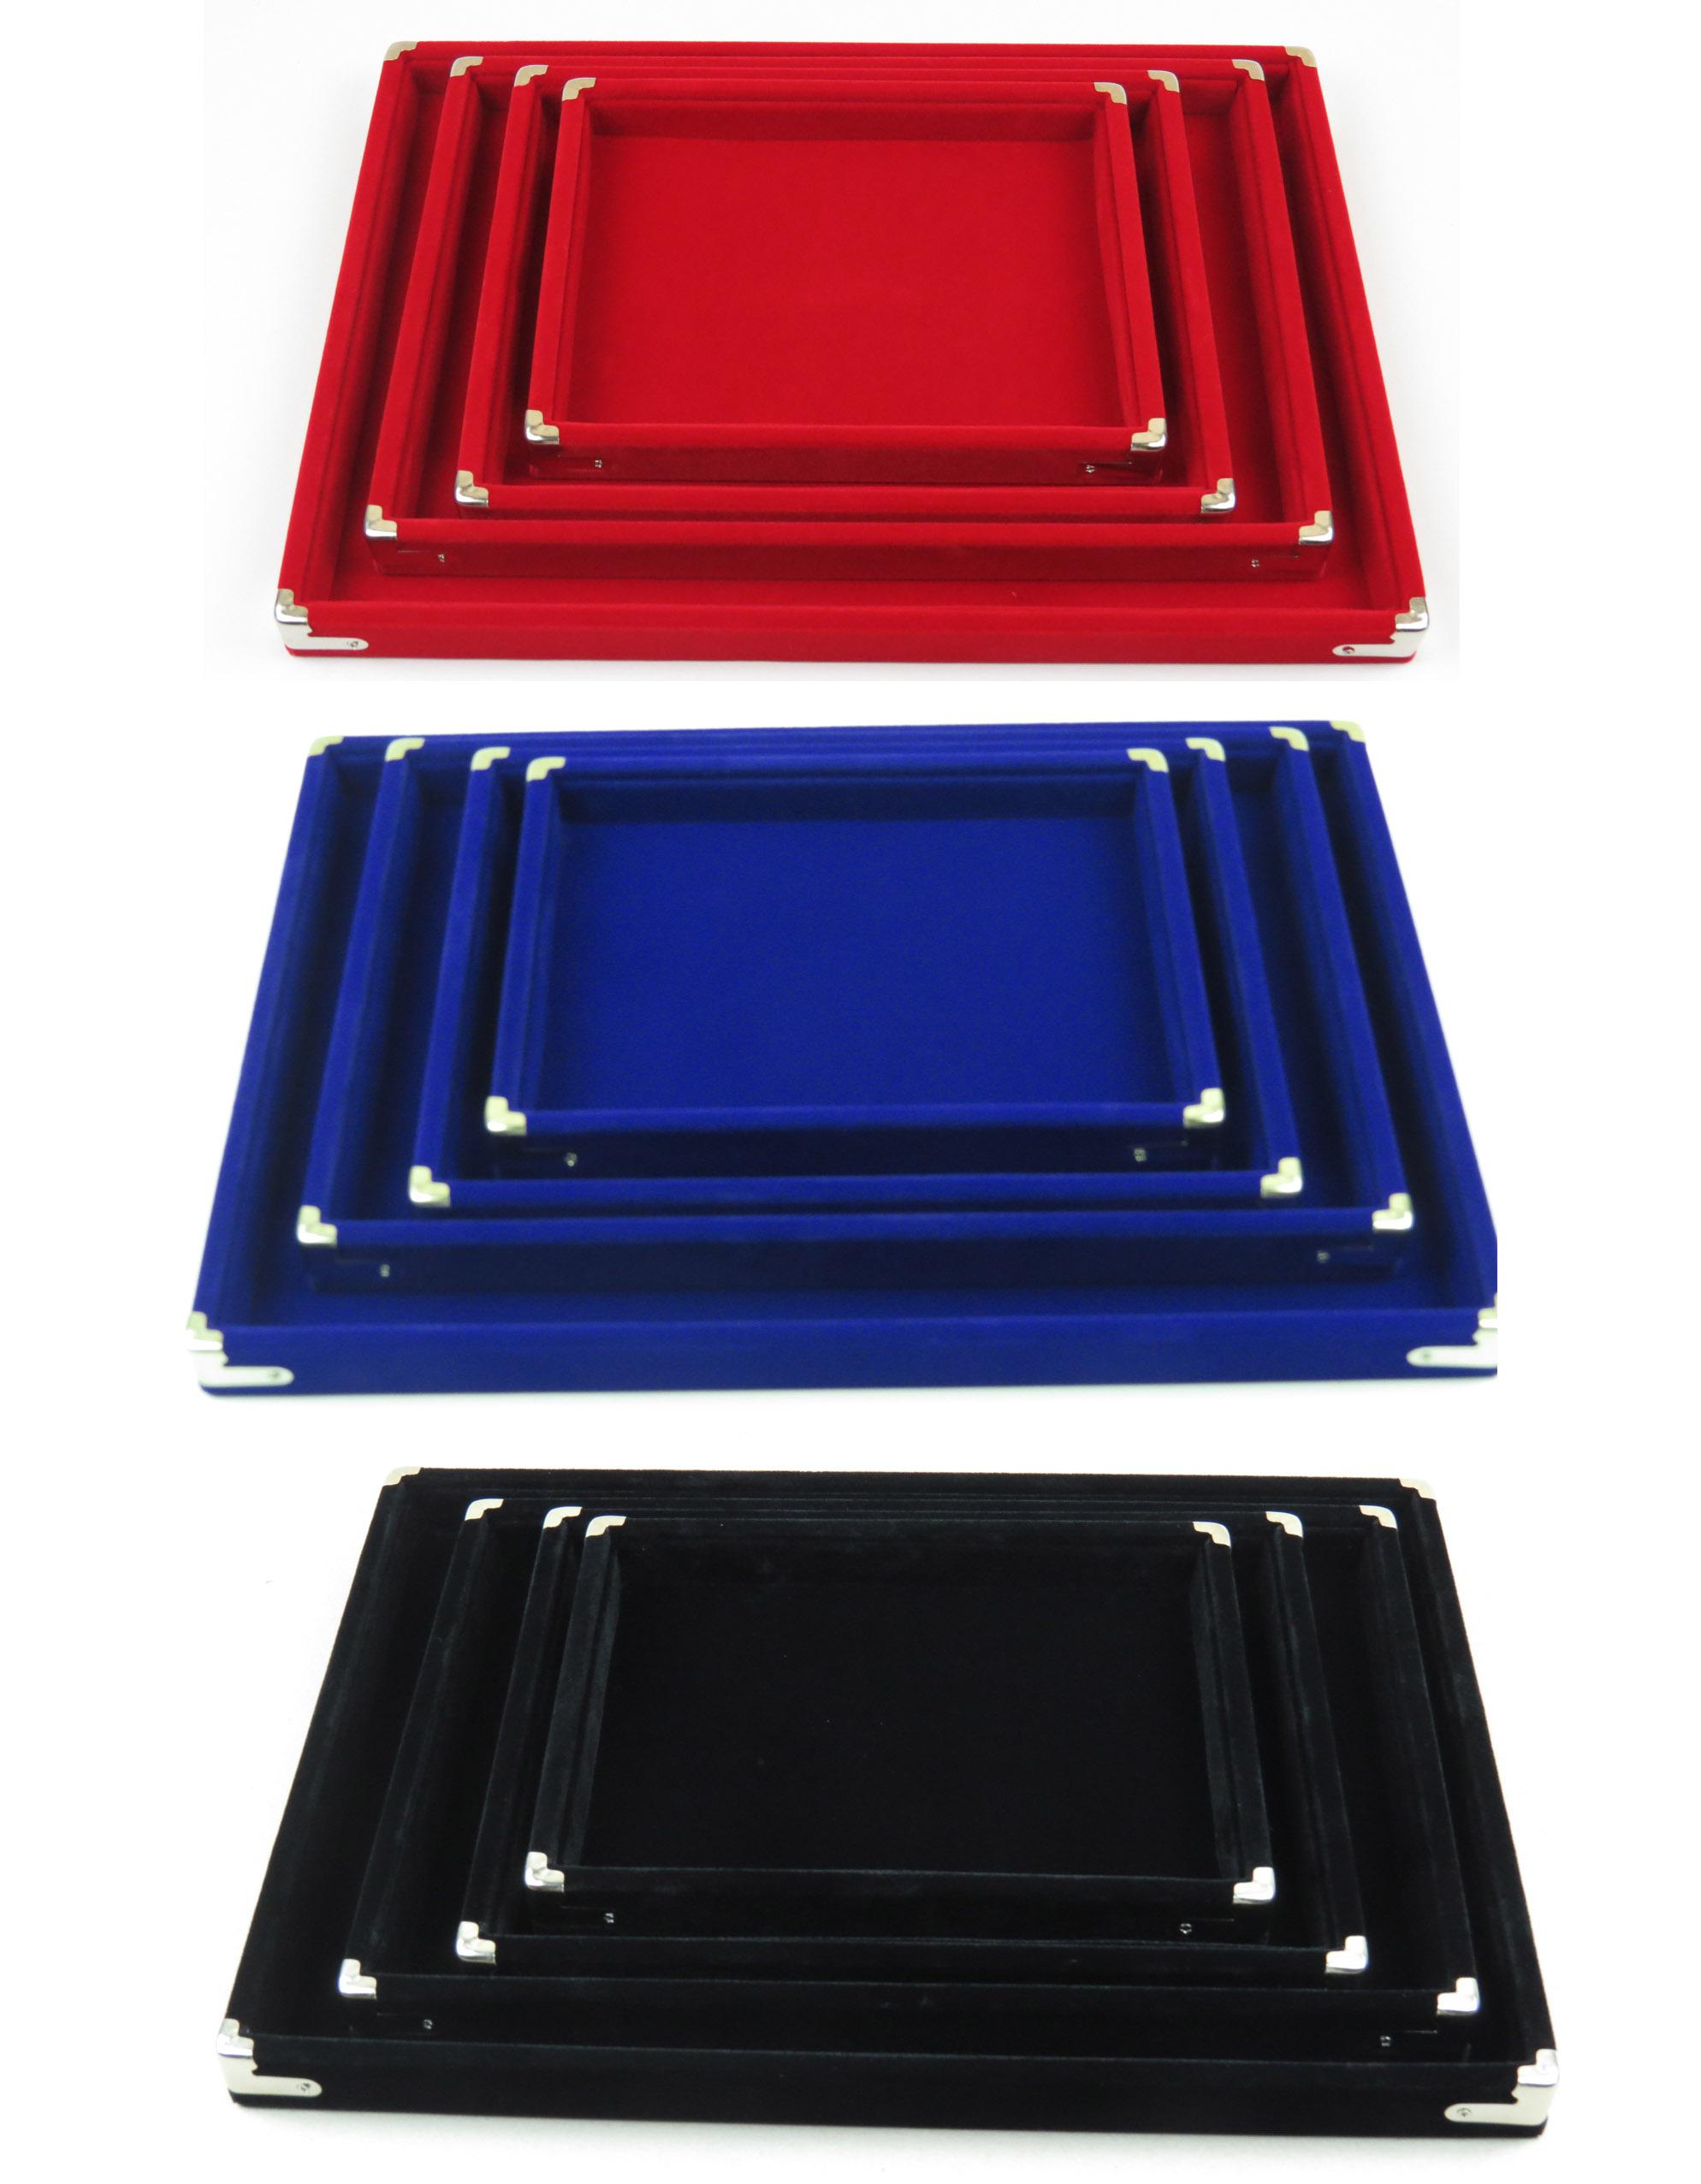 高档珠宝看货盘红黑蓝绒木托盘首饰品道具展示挑货盘双面选货空盘